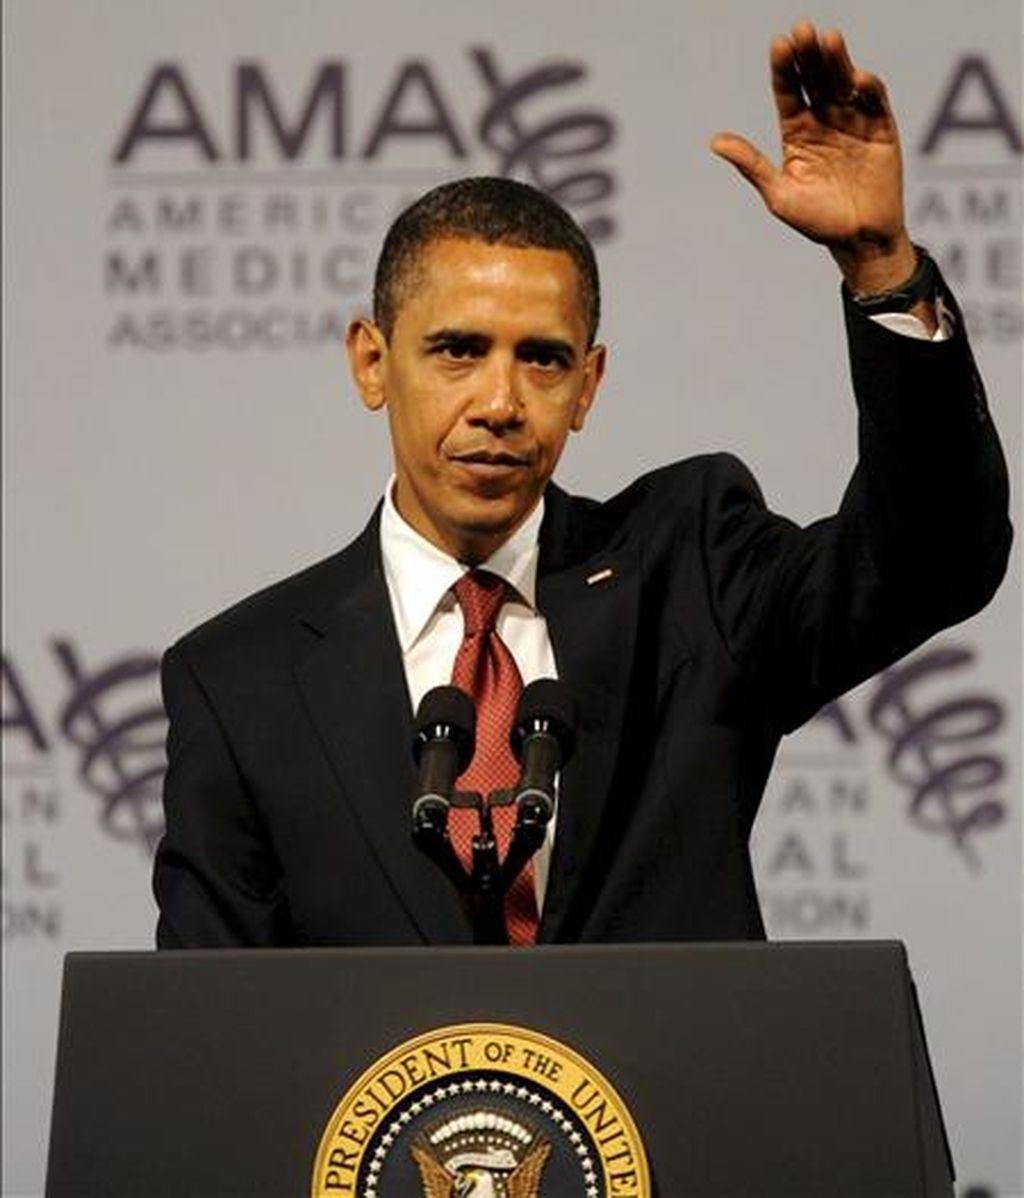 El presidente de Estados Unidos, Barack Obama, ofrece un discurso durante ante la Asociación de Médicos de EE.UU, en Chicago. EFE